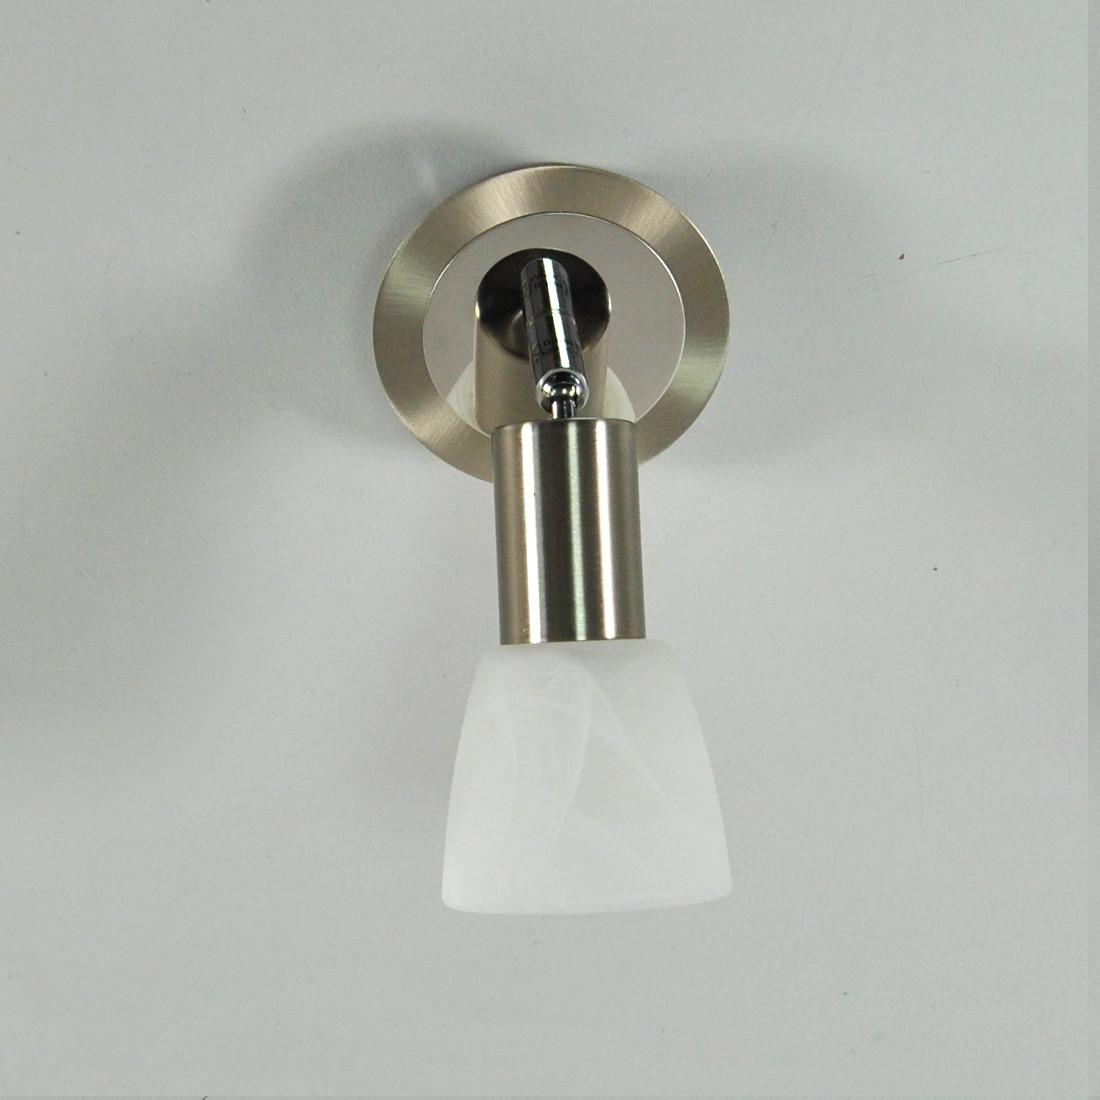 Spiegellampe Wandlampe Badlampe E-14 LED möglich 61233332 Darlux